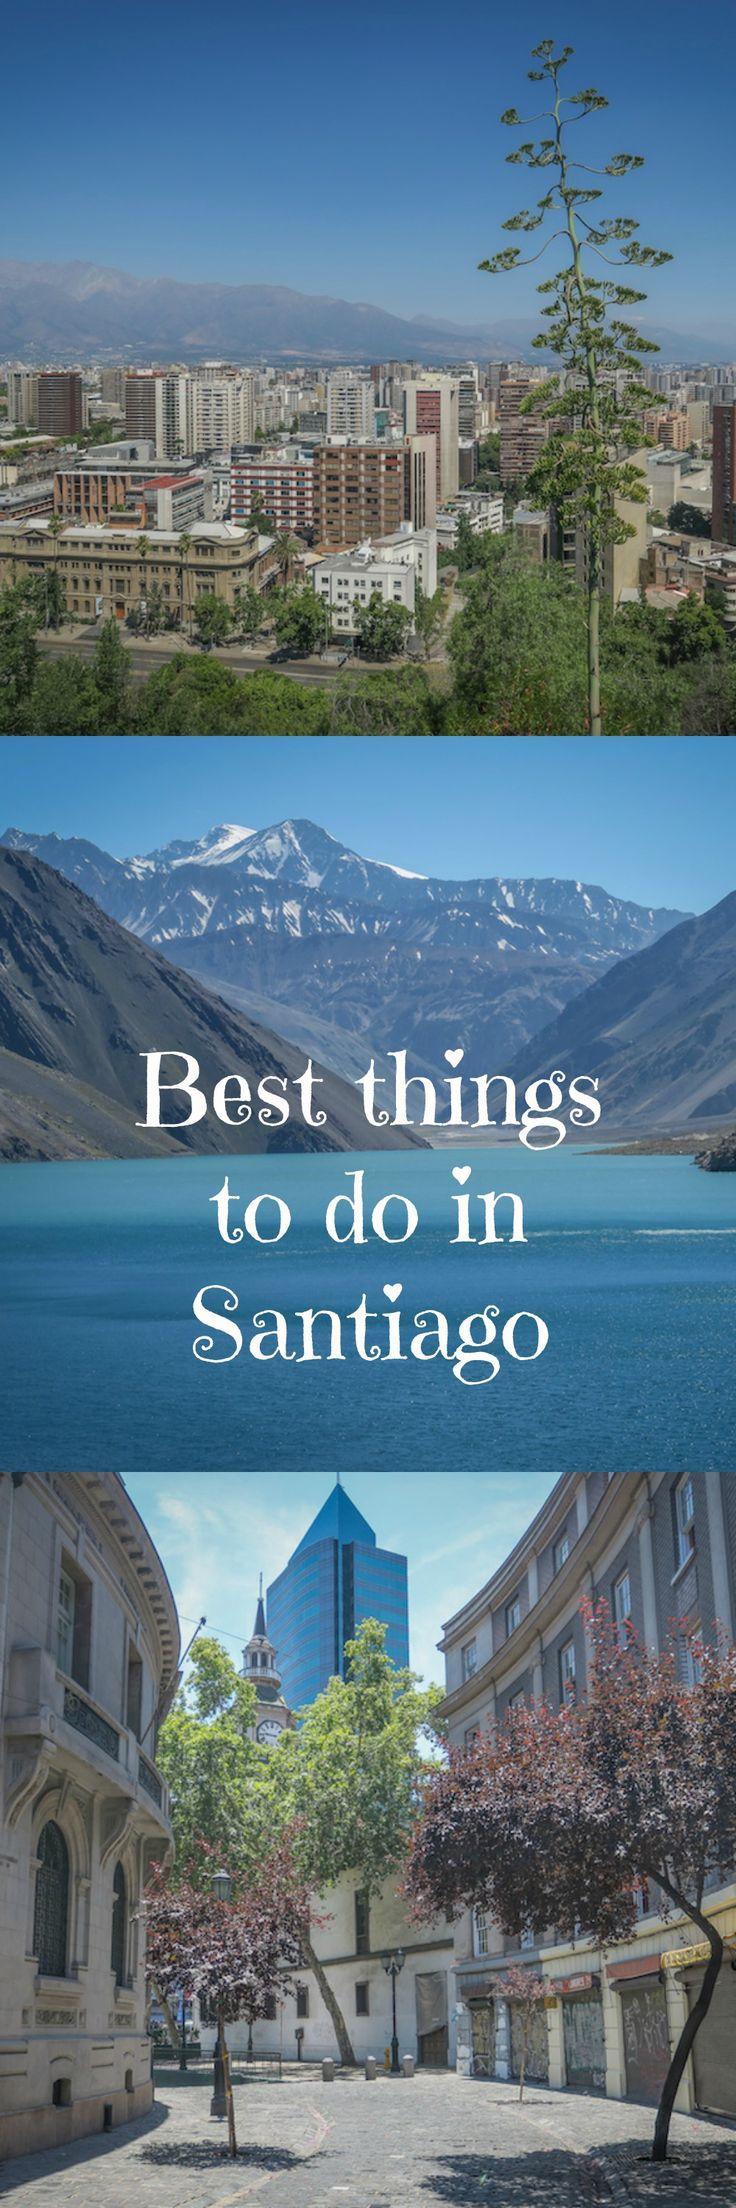 Die besten Tipps für Santiago de Chile und Umgebung. Wie wäre es mit einer Jeeptour in die Anden oder dem Besuch eines Boutique Weinguts? Ein chilenischer Kochkurs in Valparaiso verspricht außerdem kulinarische Gaumenfreunden!